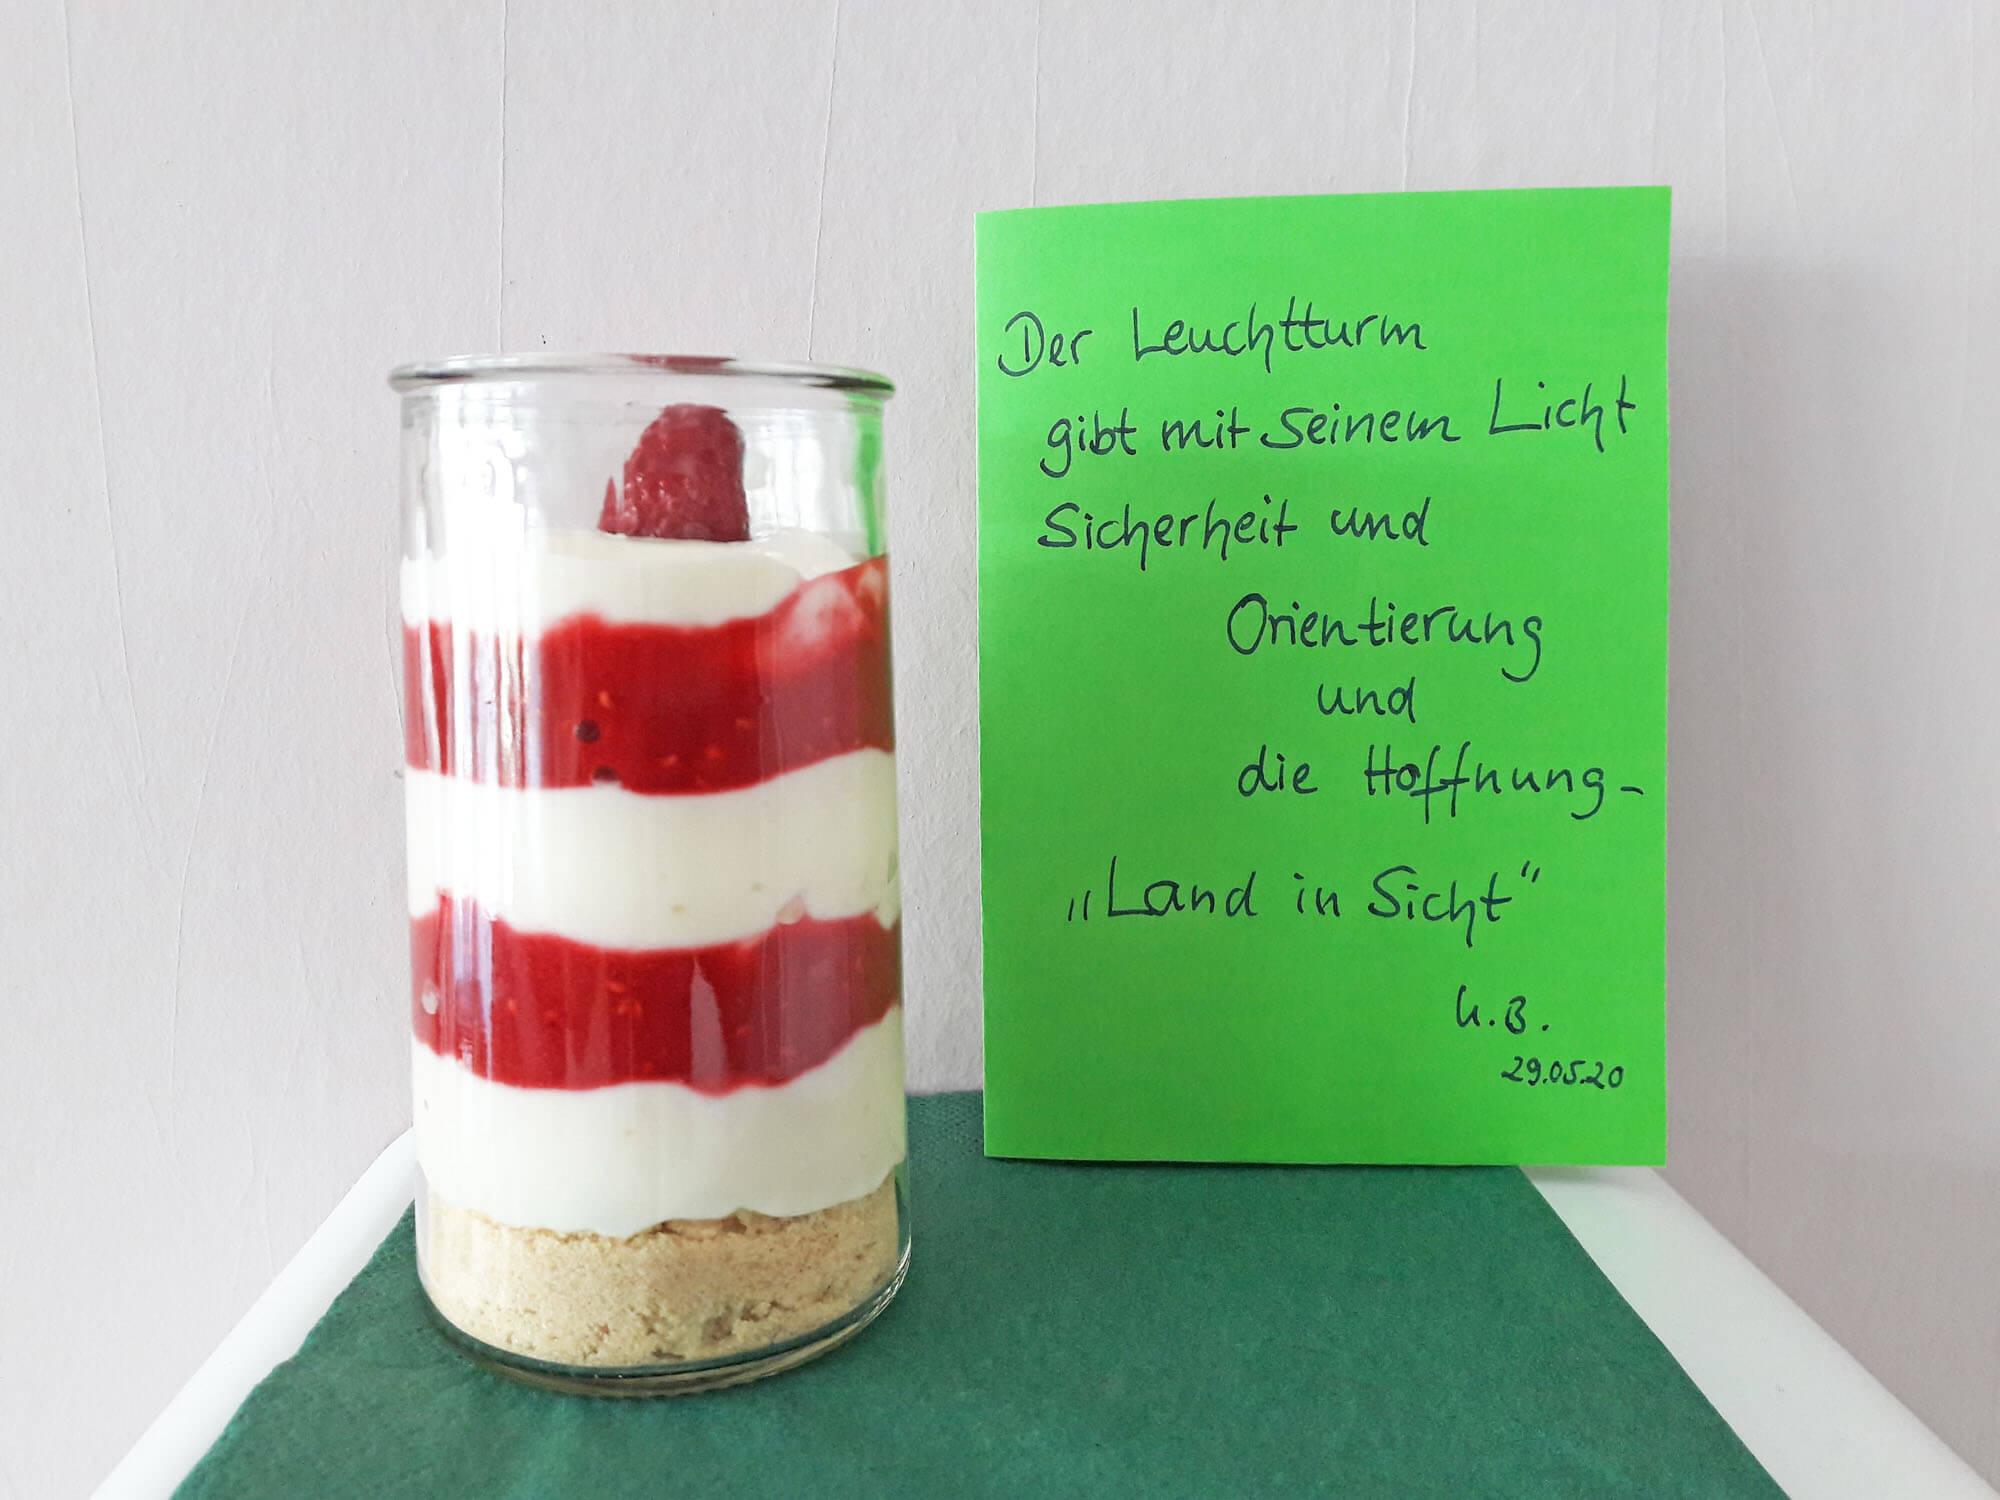 13c_Dessert_Leuchttürme, Ute Both